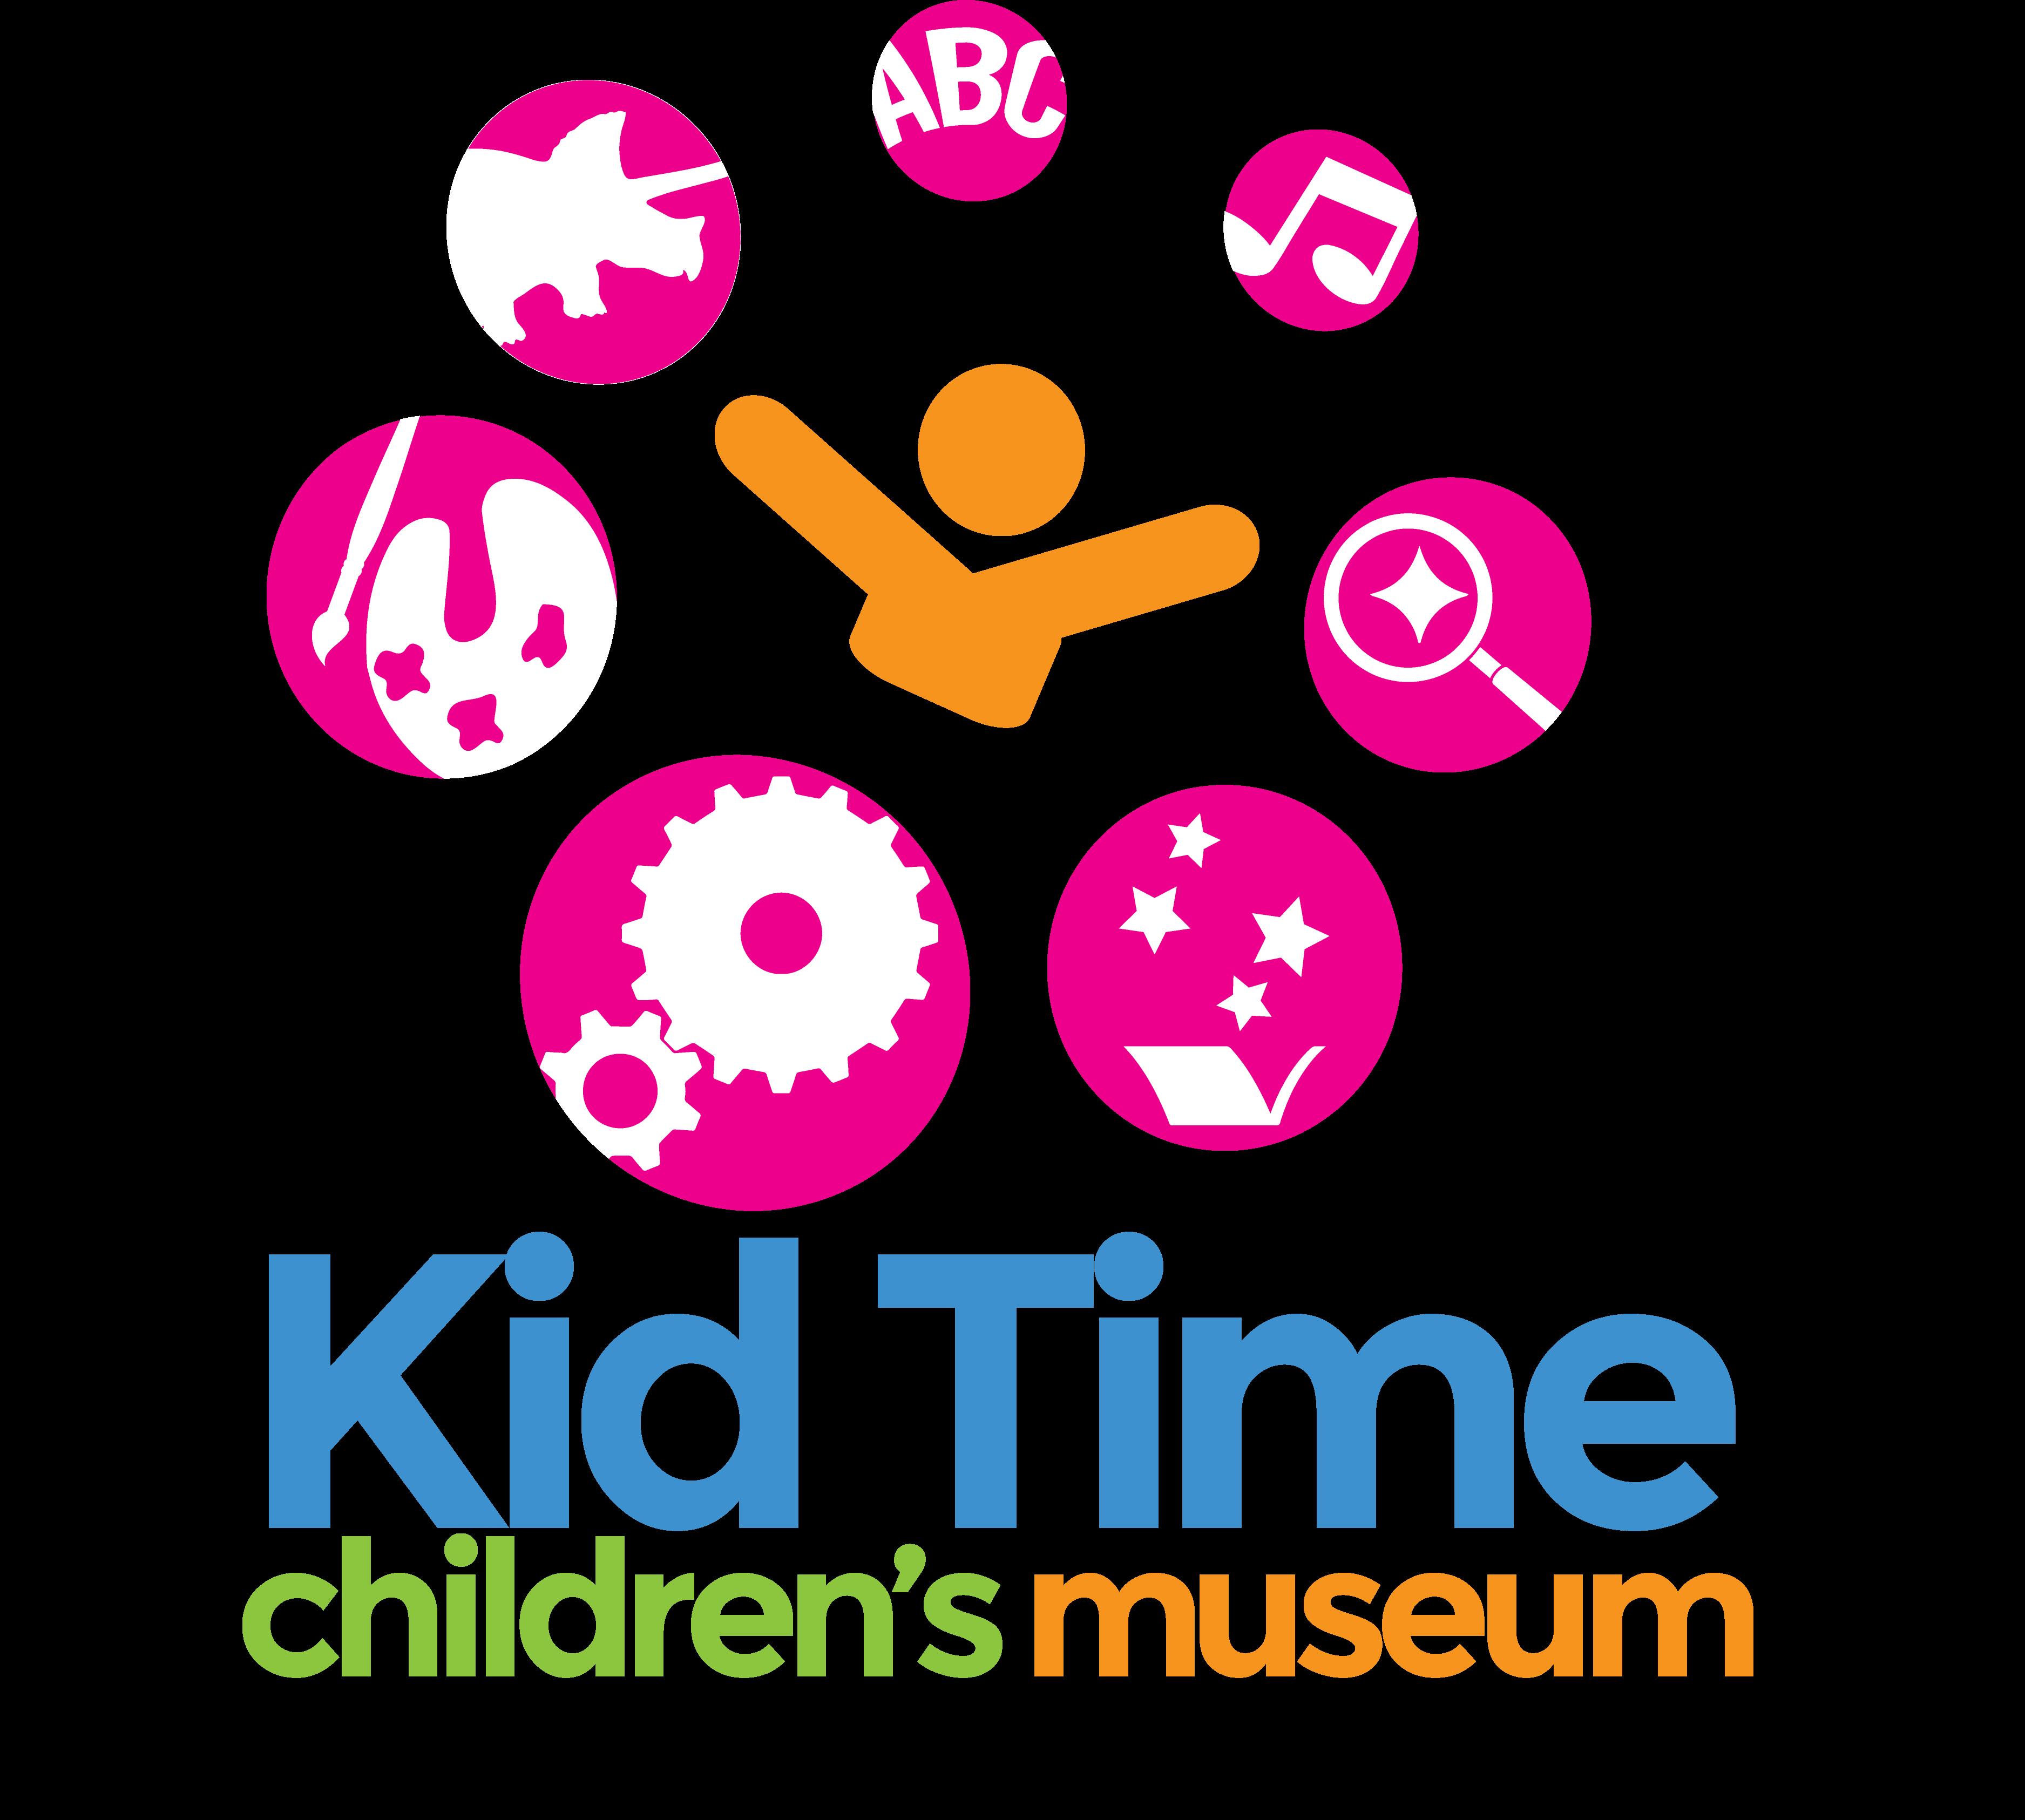 Kit Time Children's Museum